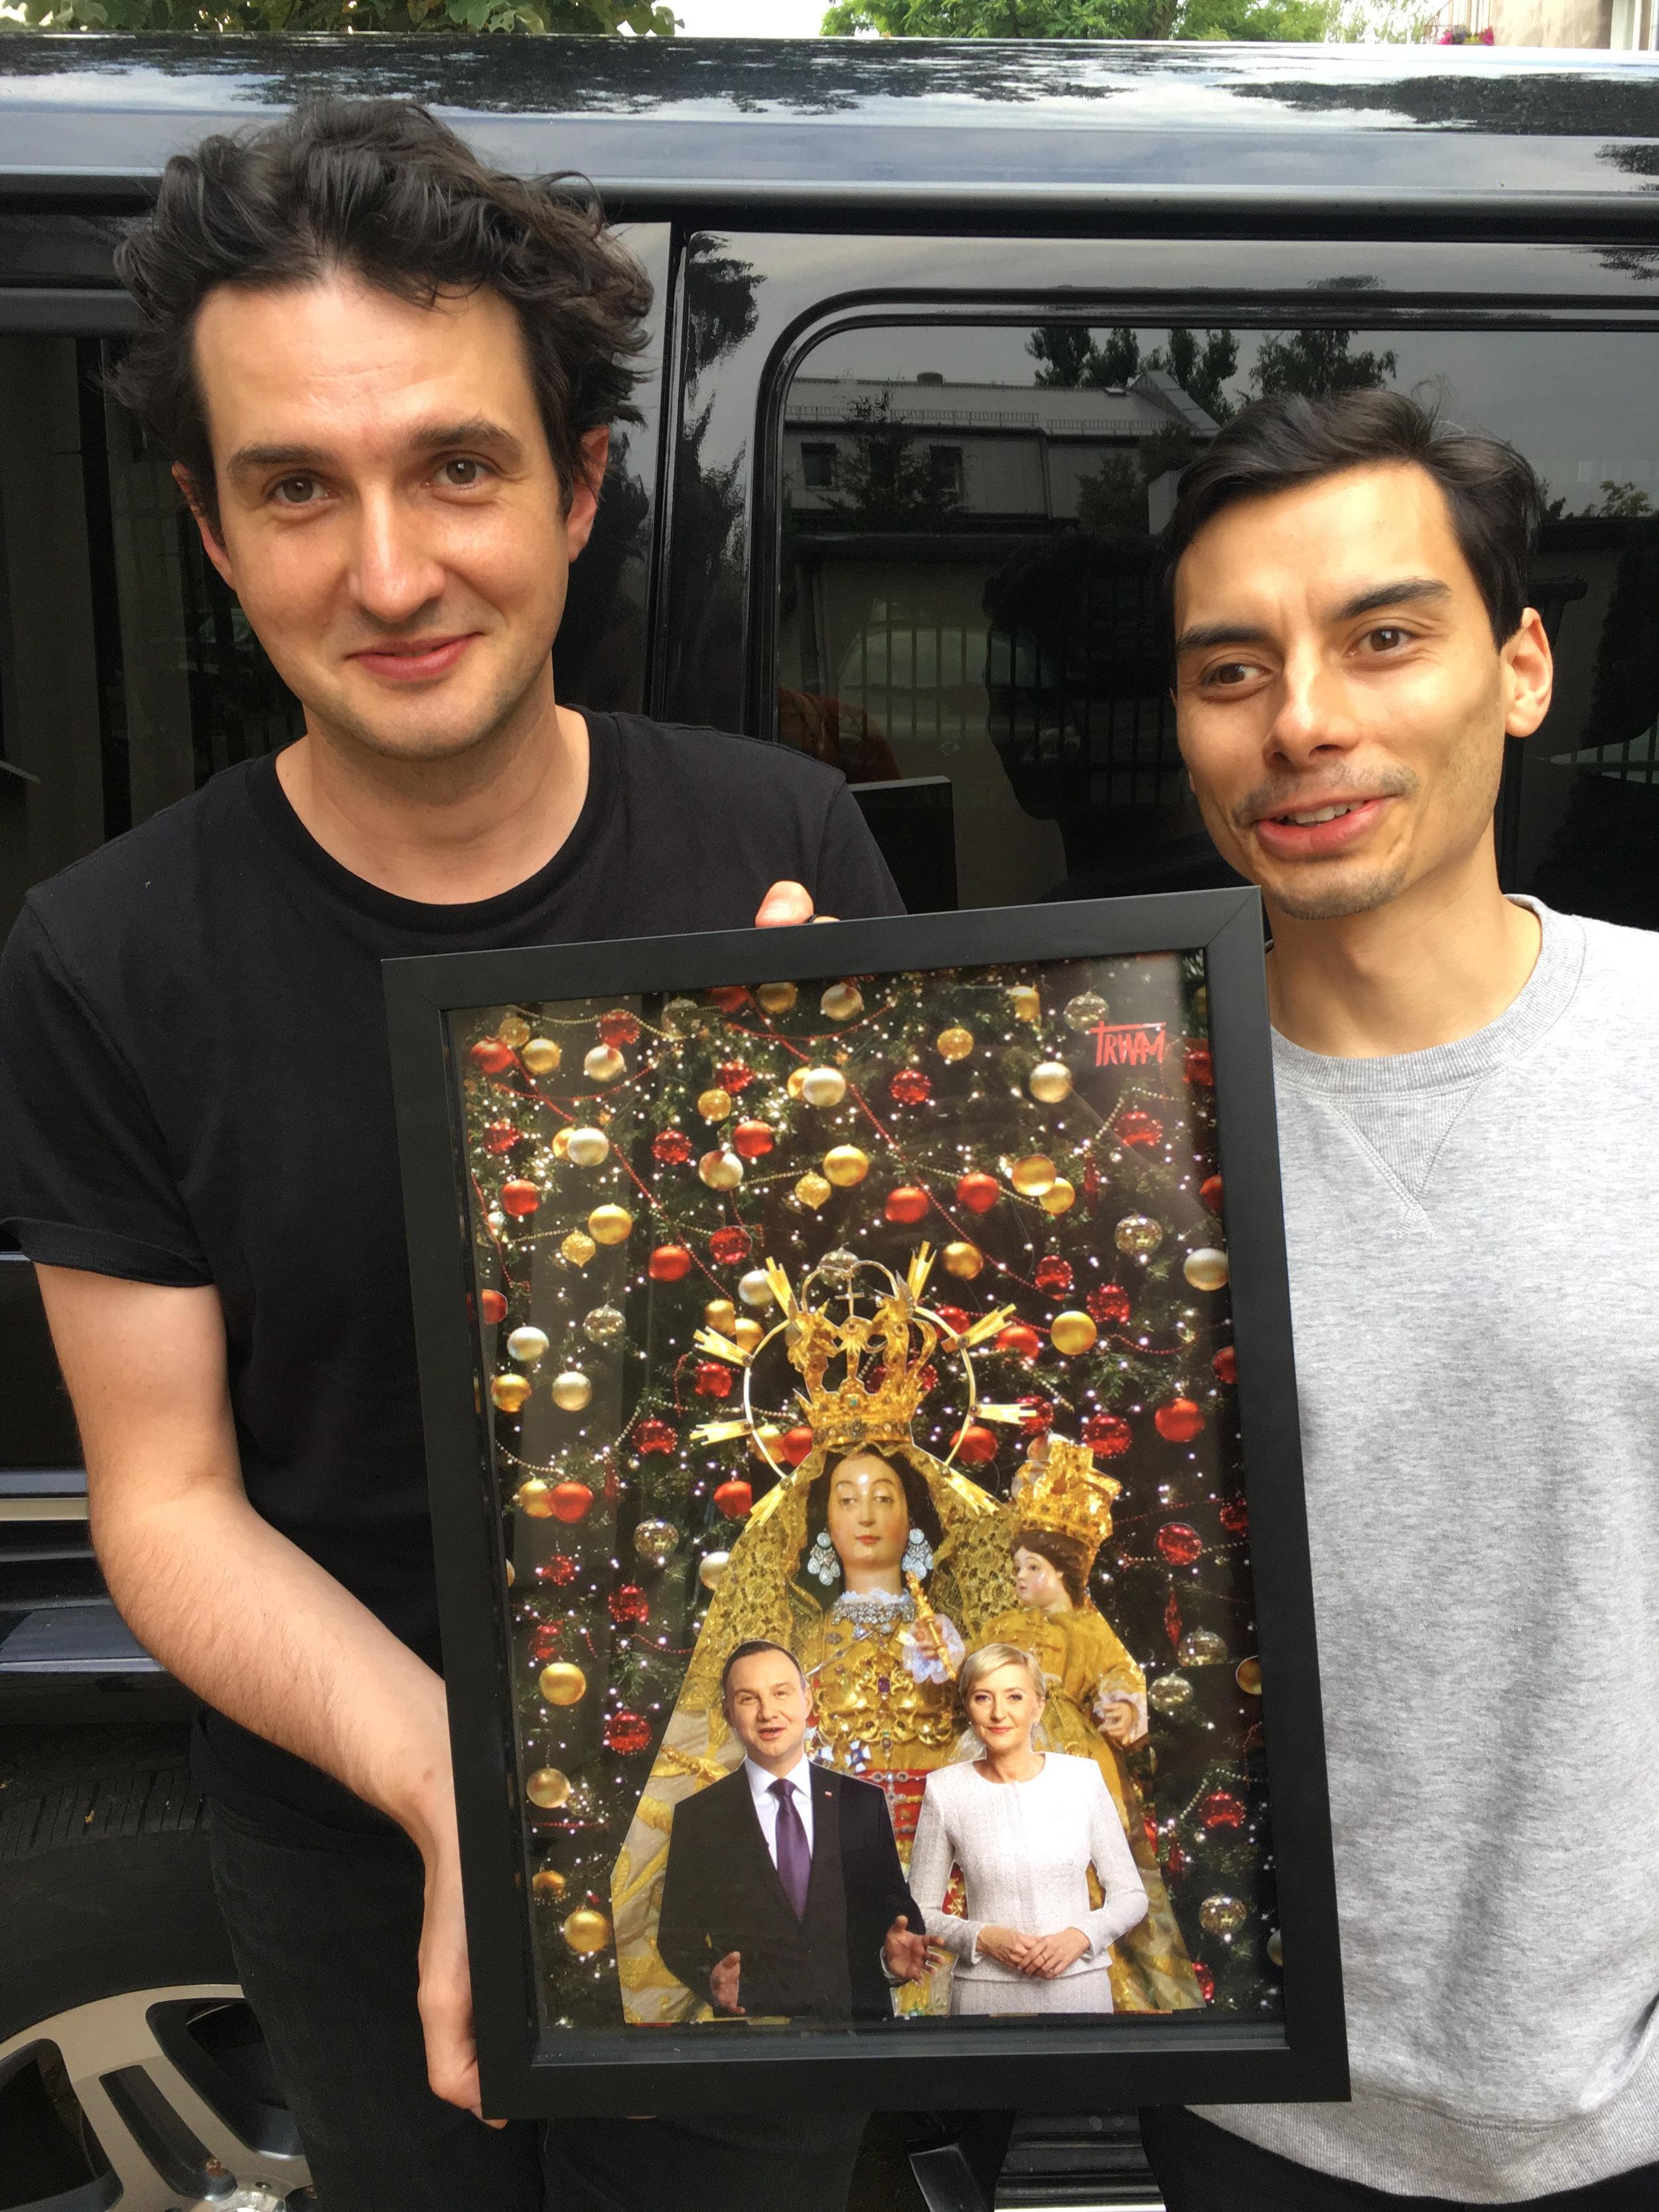 Michał Słodowy z zespołu KAMP! zabrał obraz do studio